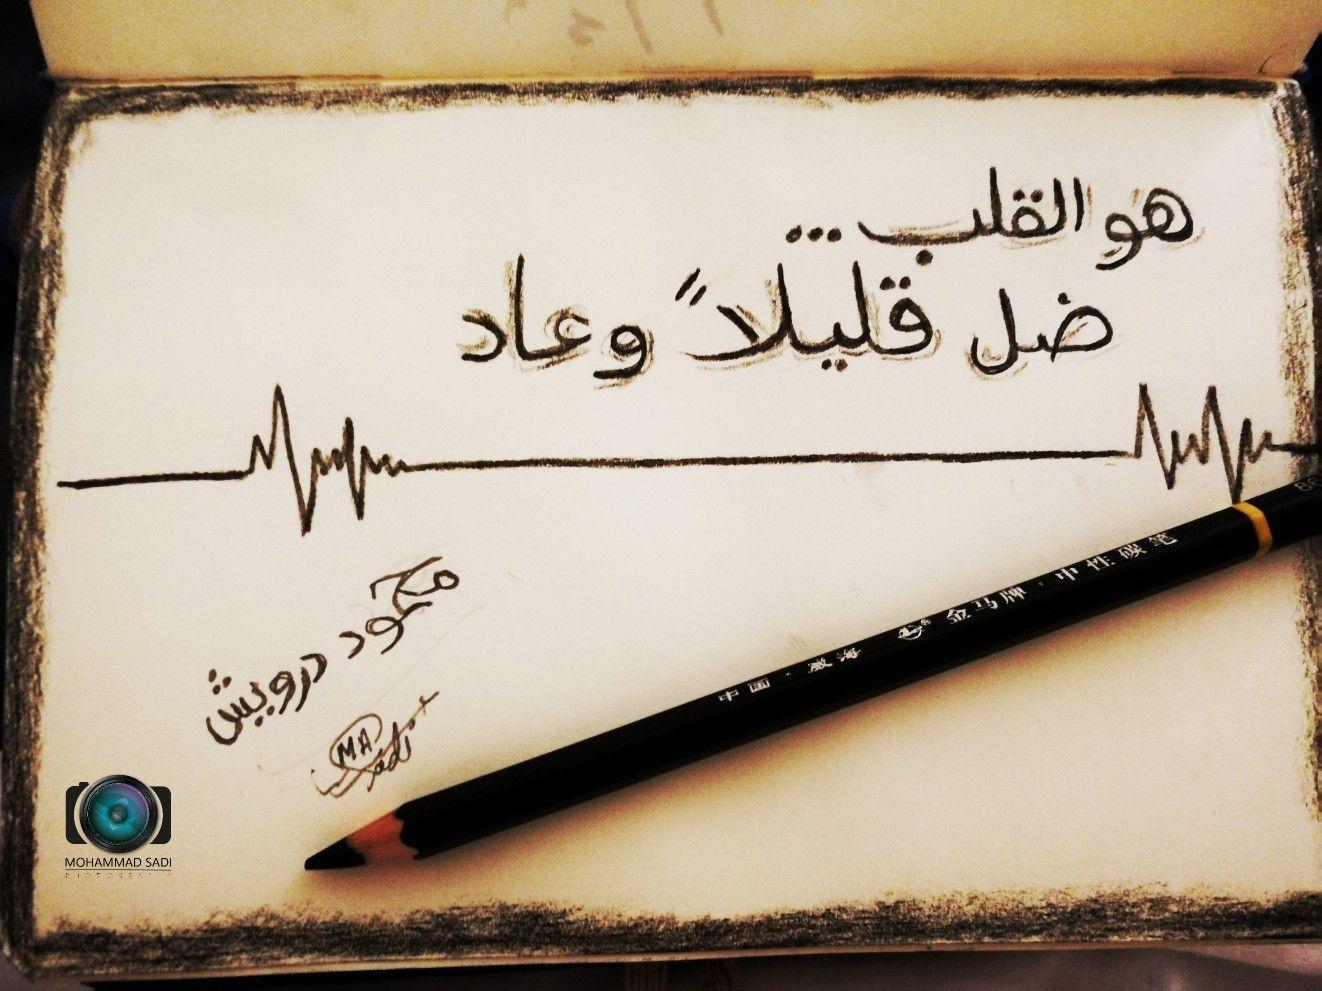 هو القلب ضل قليلا و عاد Quotes Abc Calligraphy